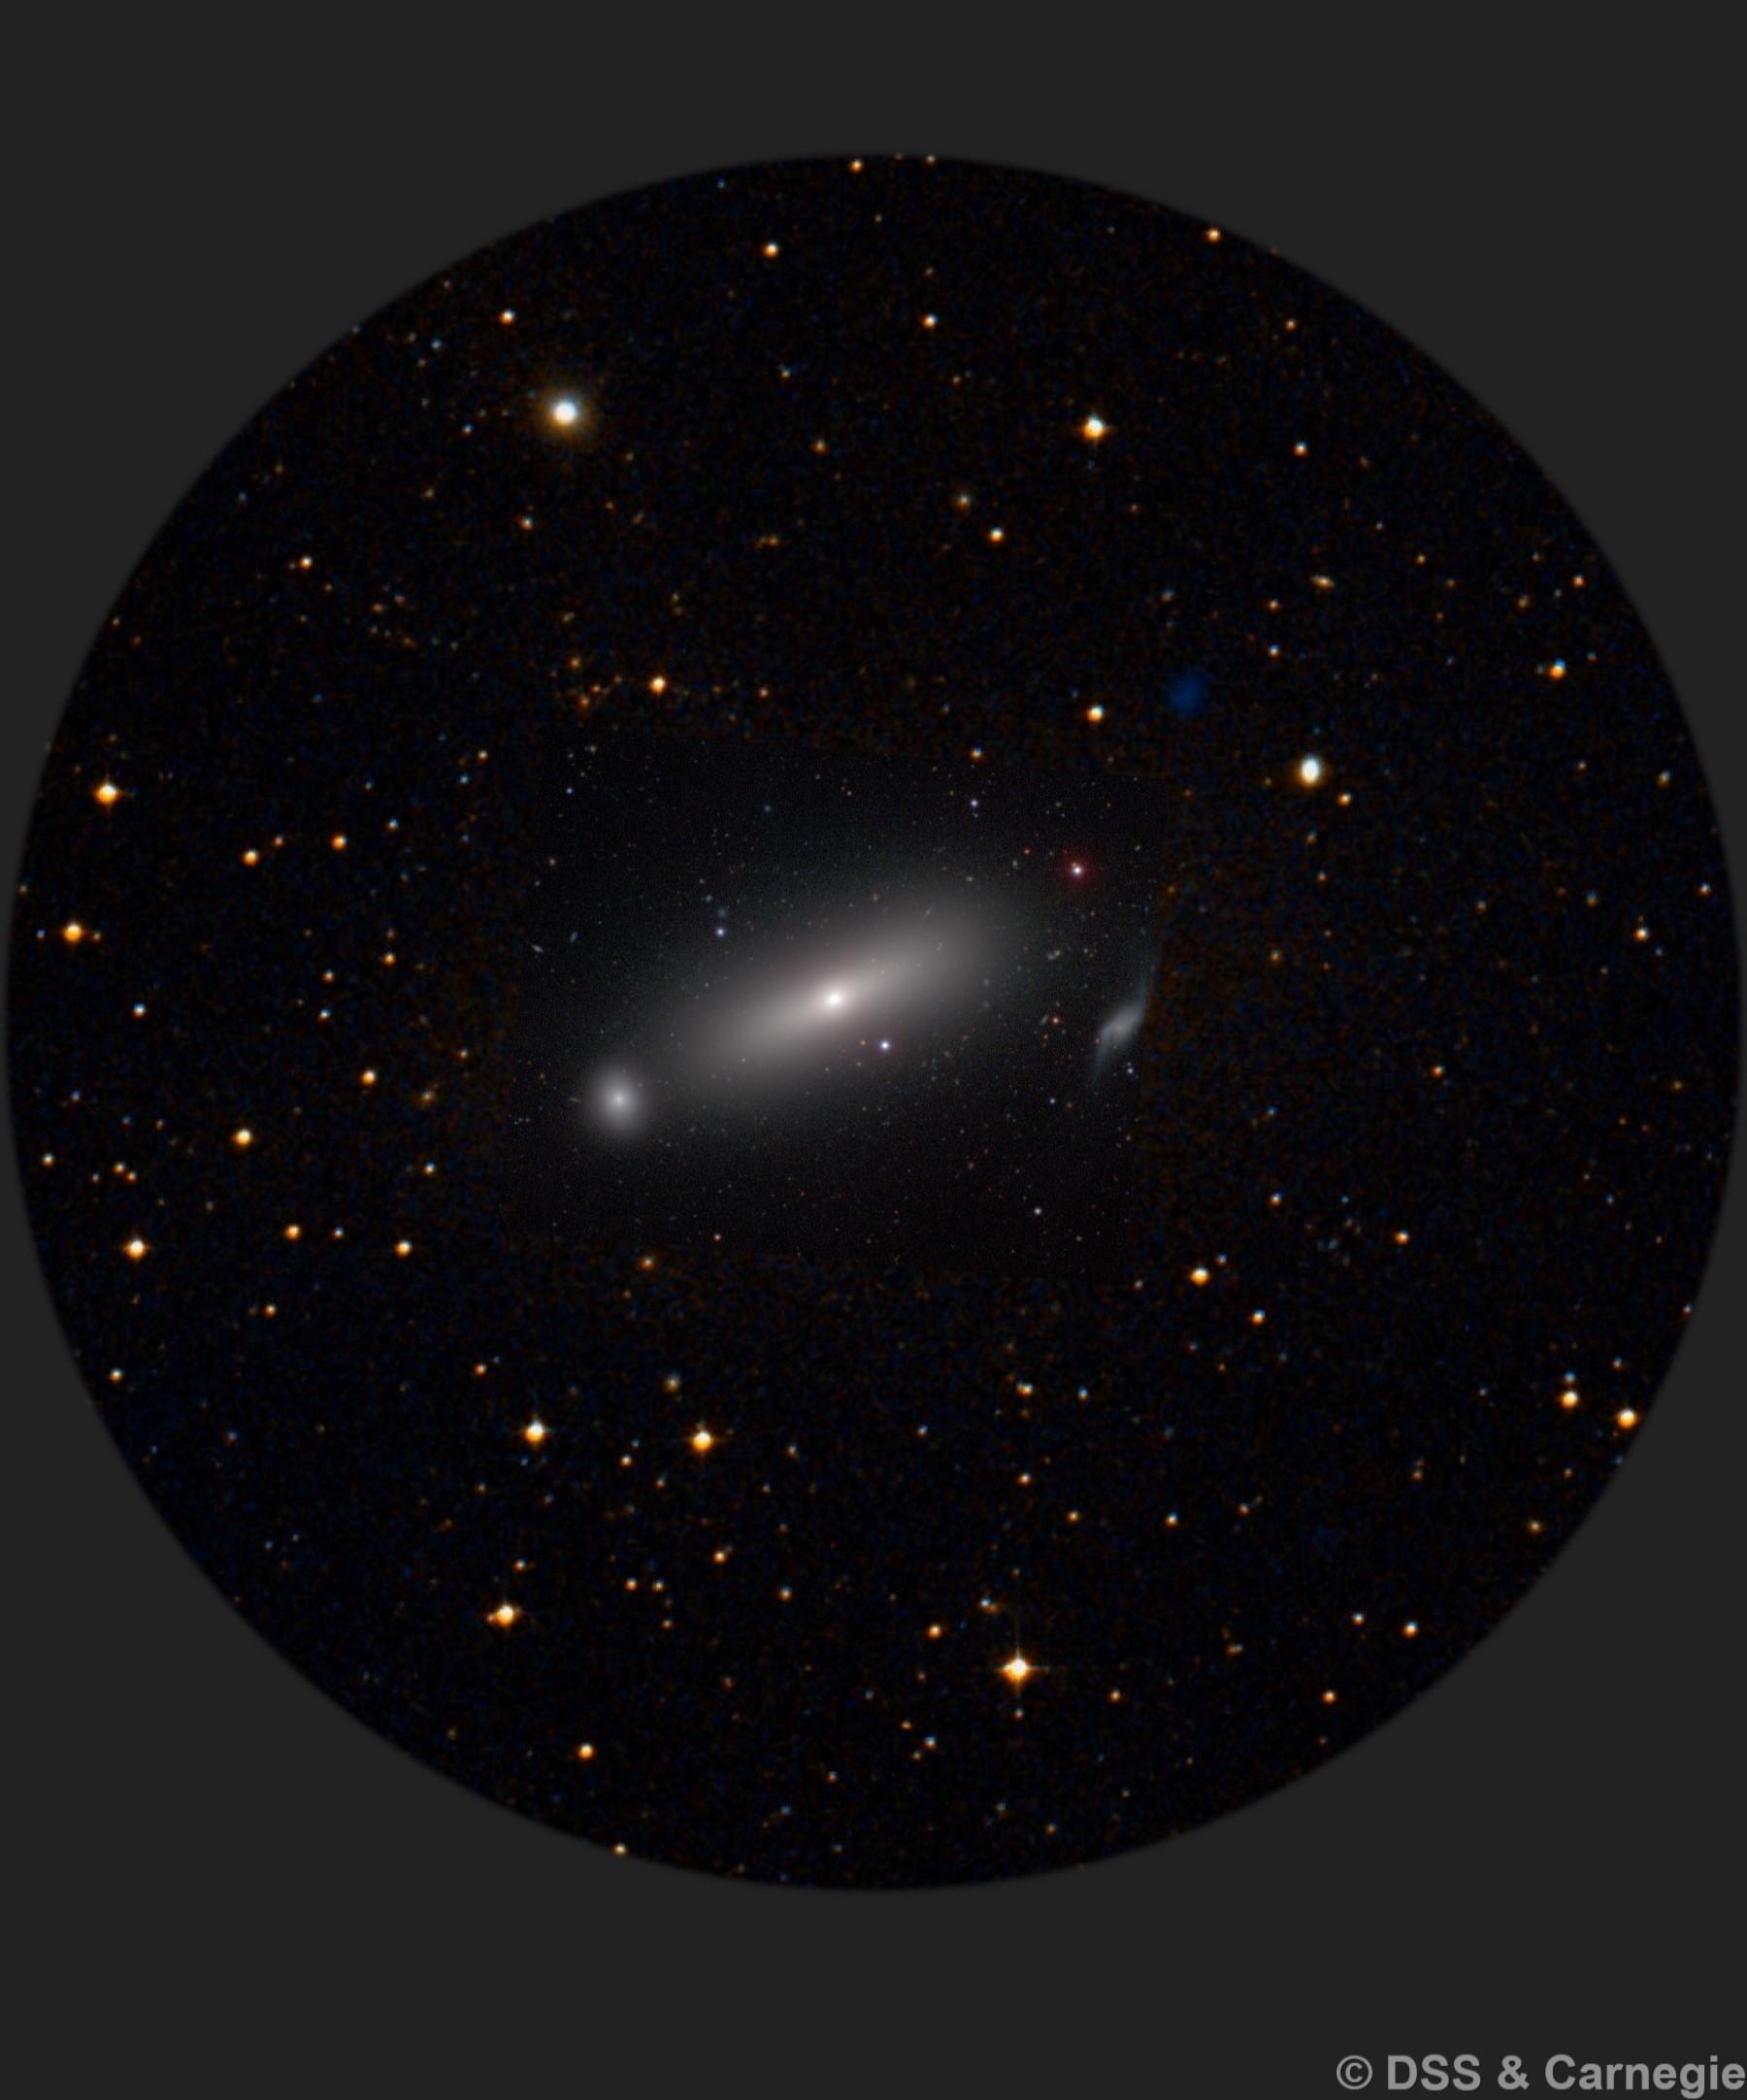 NGC 1331 1332